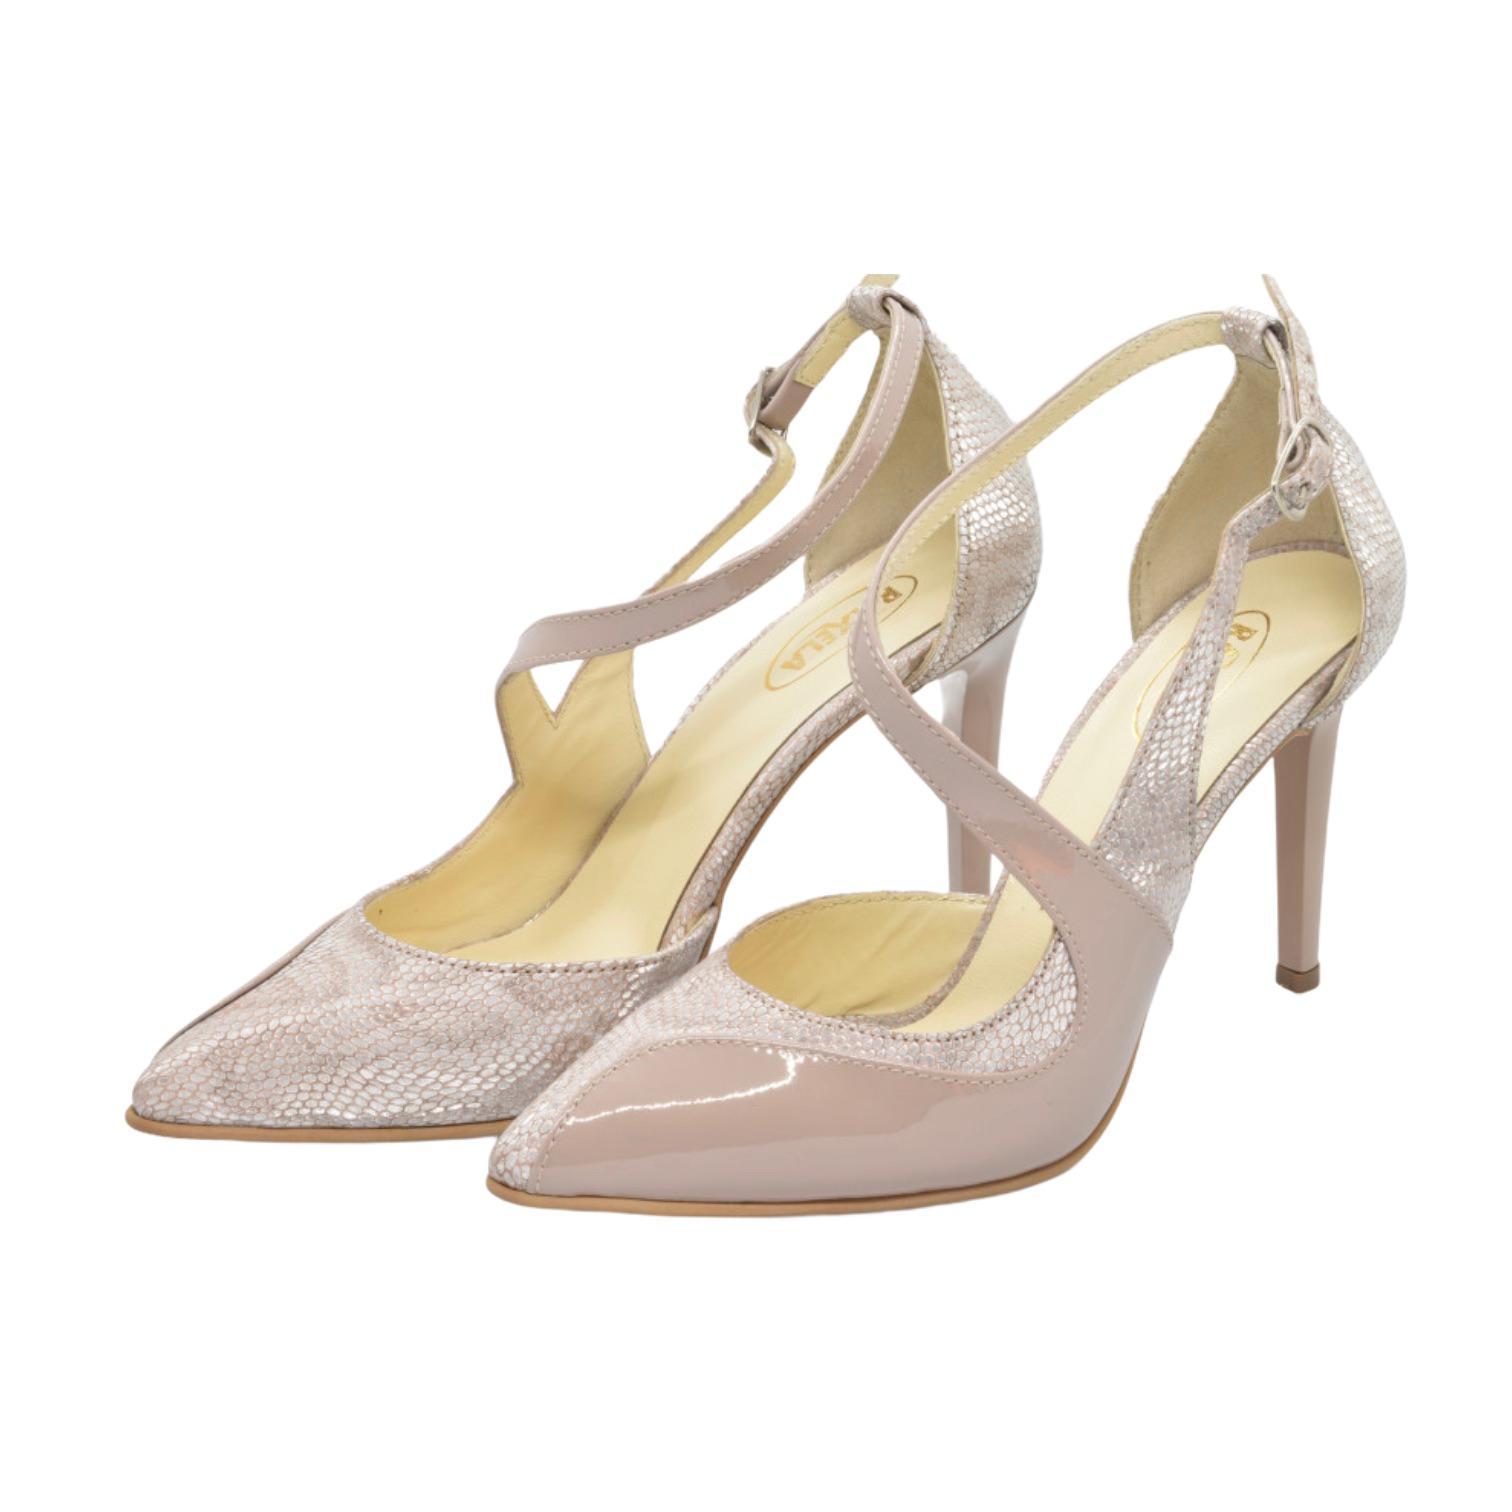 Pantofi decupati bej combinati cu piele pudra